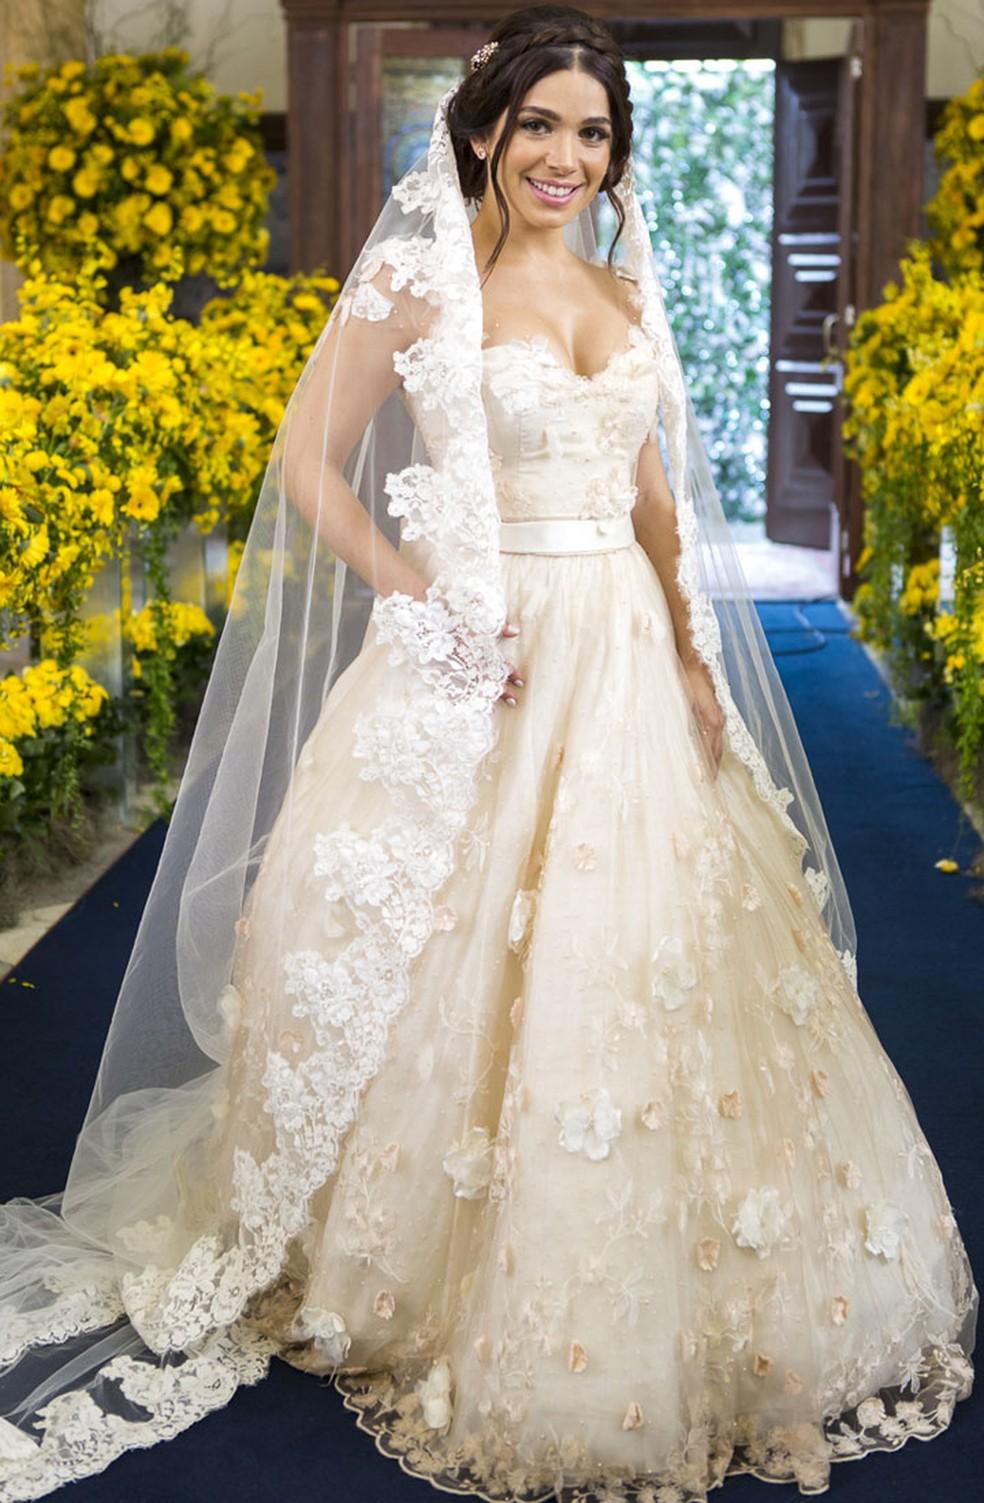 Atriz se veste de noiva pela primeira vez: 'Deu um frio na barriga' (Foto: Artur Meninea/Gshow)